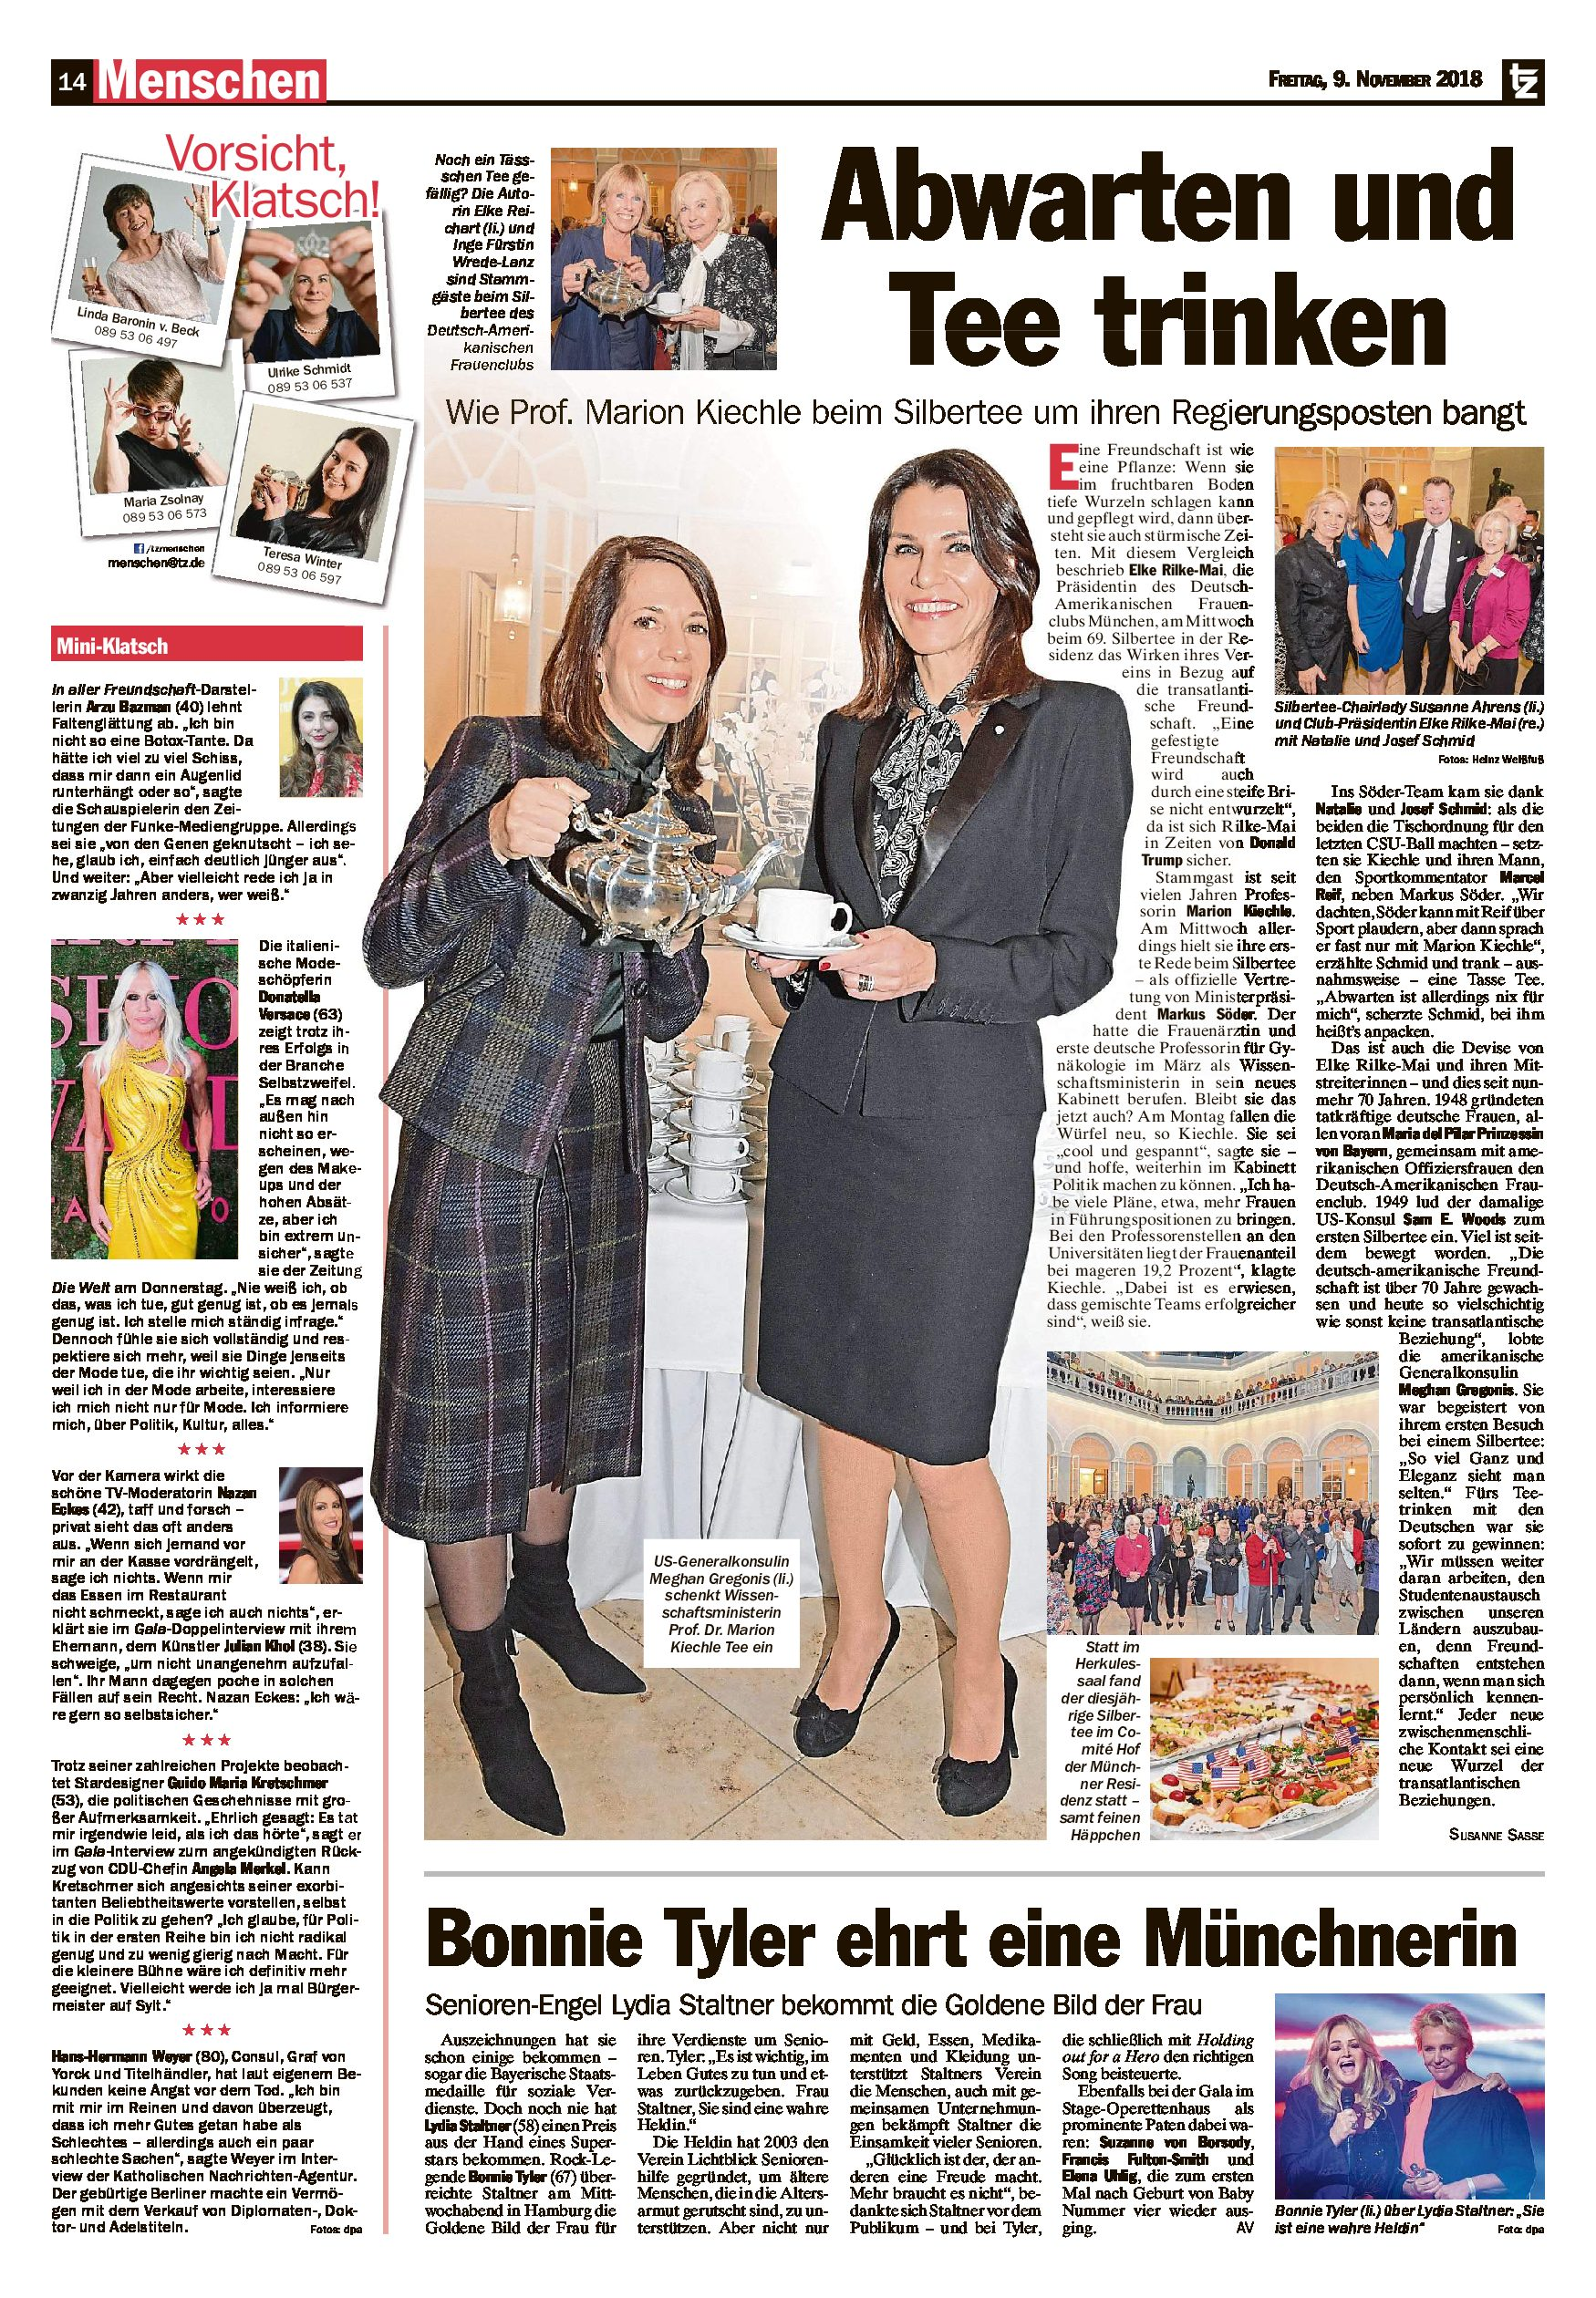 09.11.2018   TZ   Bonnie Tyler ehrt eine Münchnerin